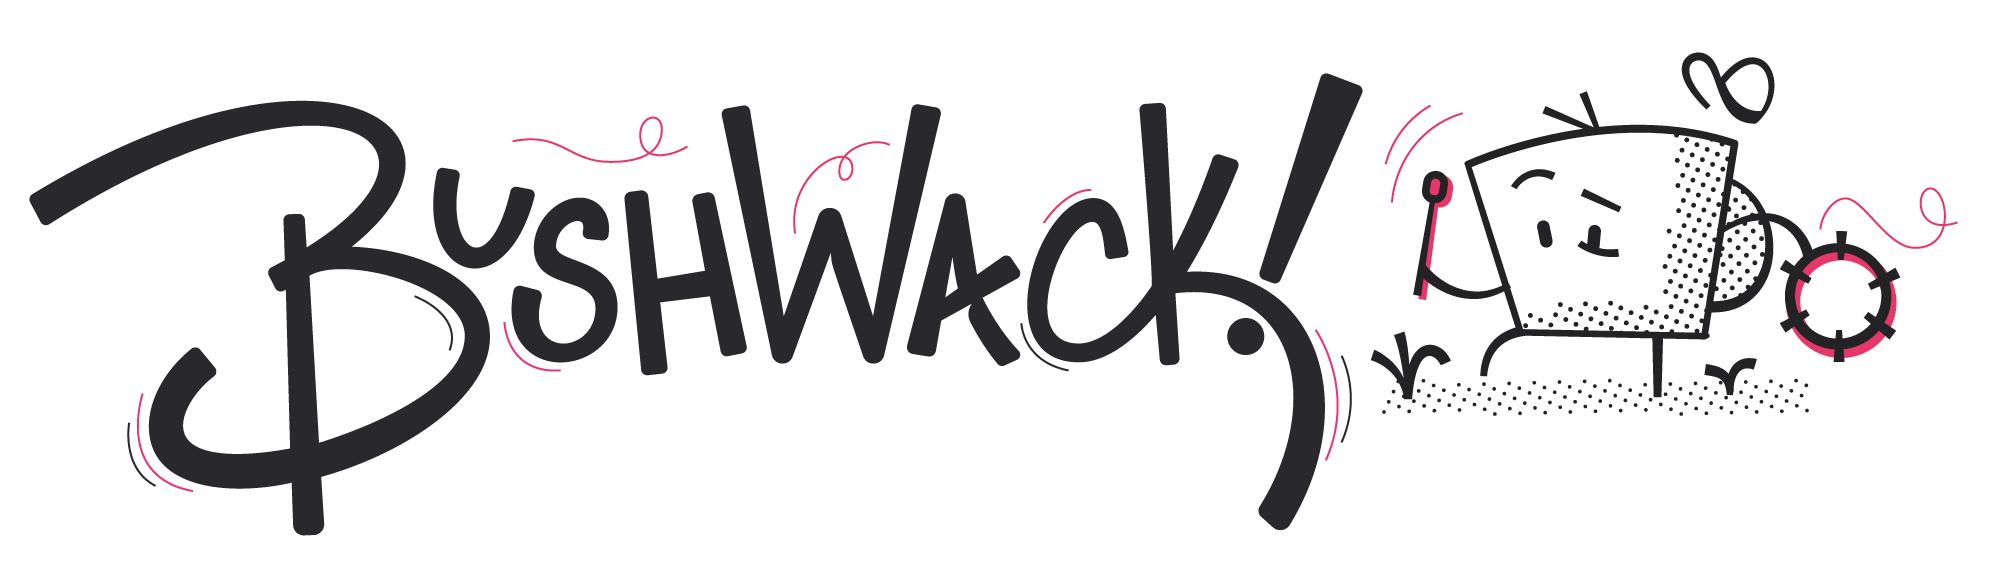 bushwack-logo-notag-wide.png